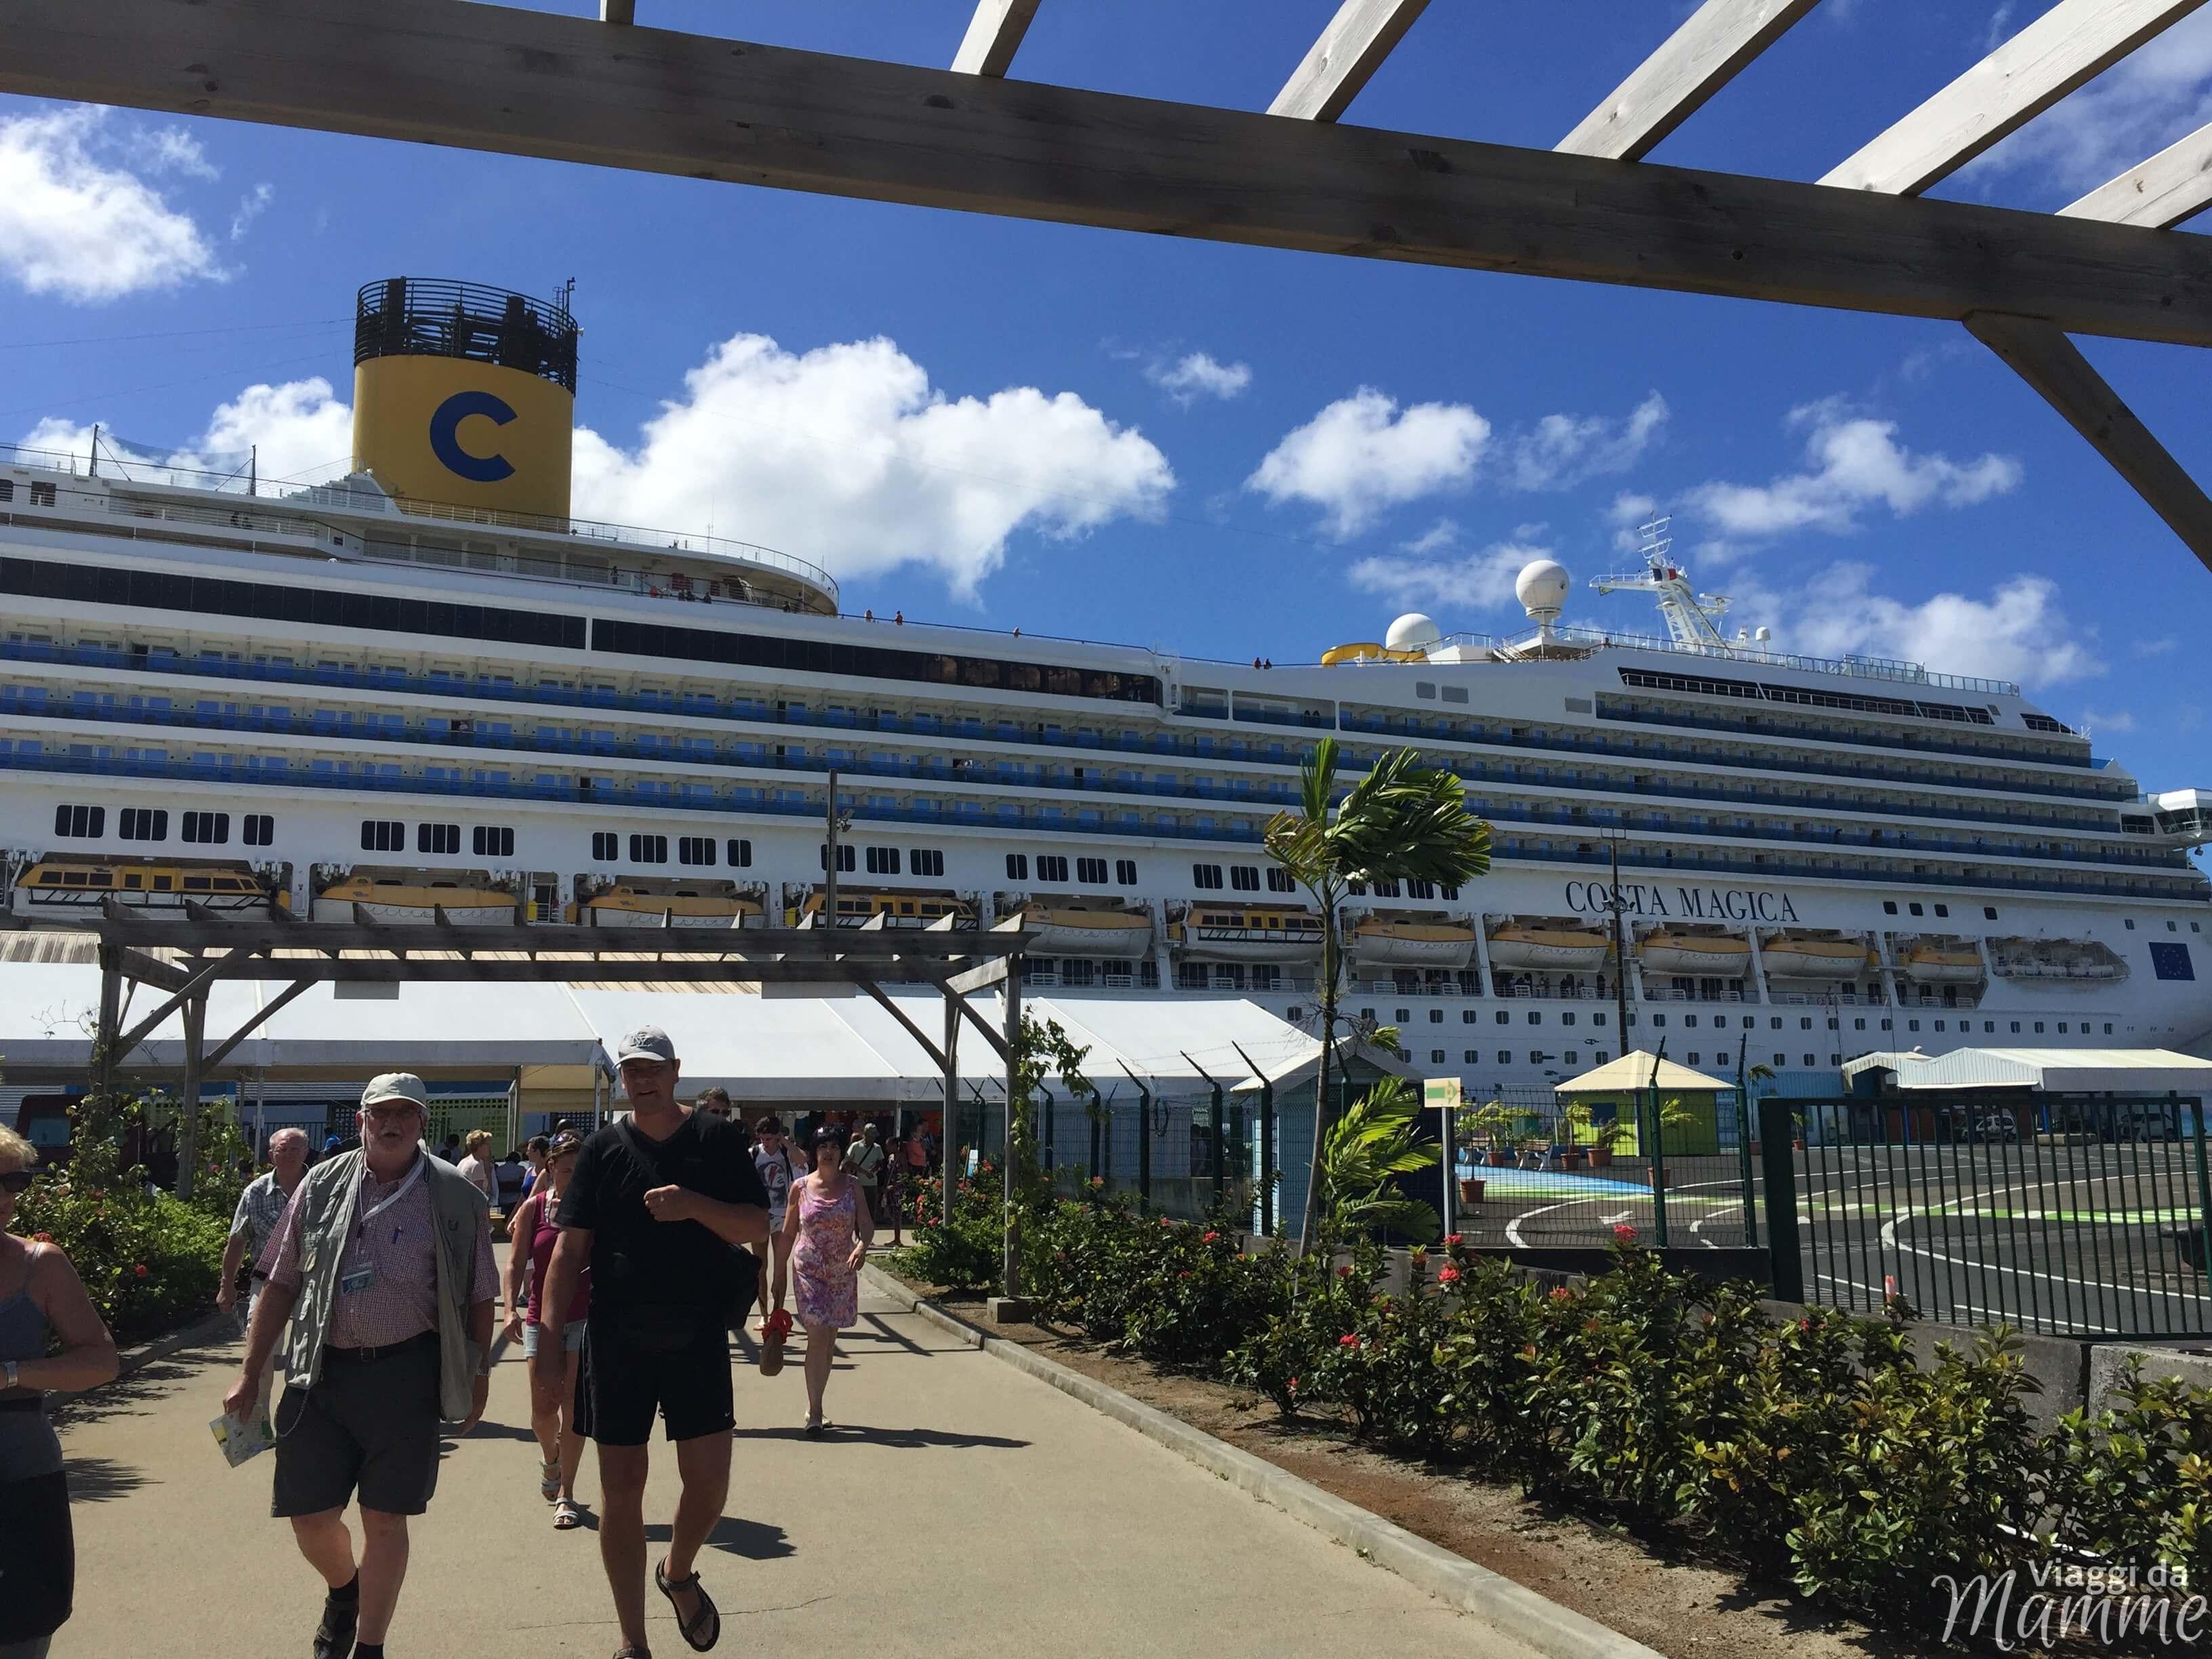 Crociera nel mar dei caraibi con bambini itinerario costa for Costa magica immagini